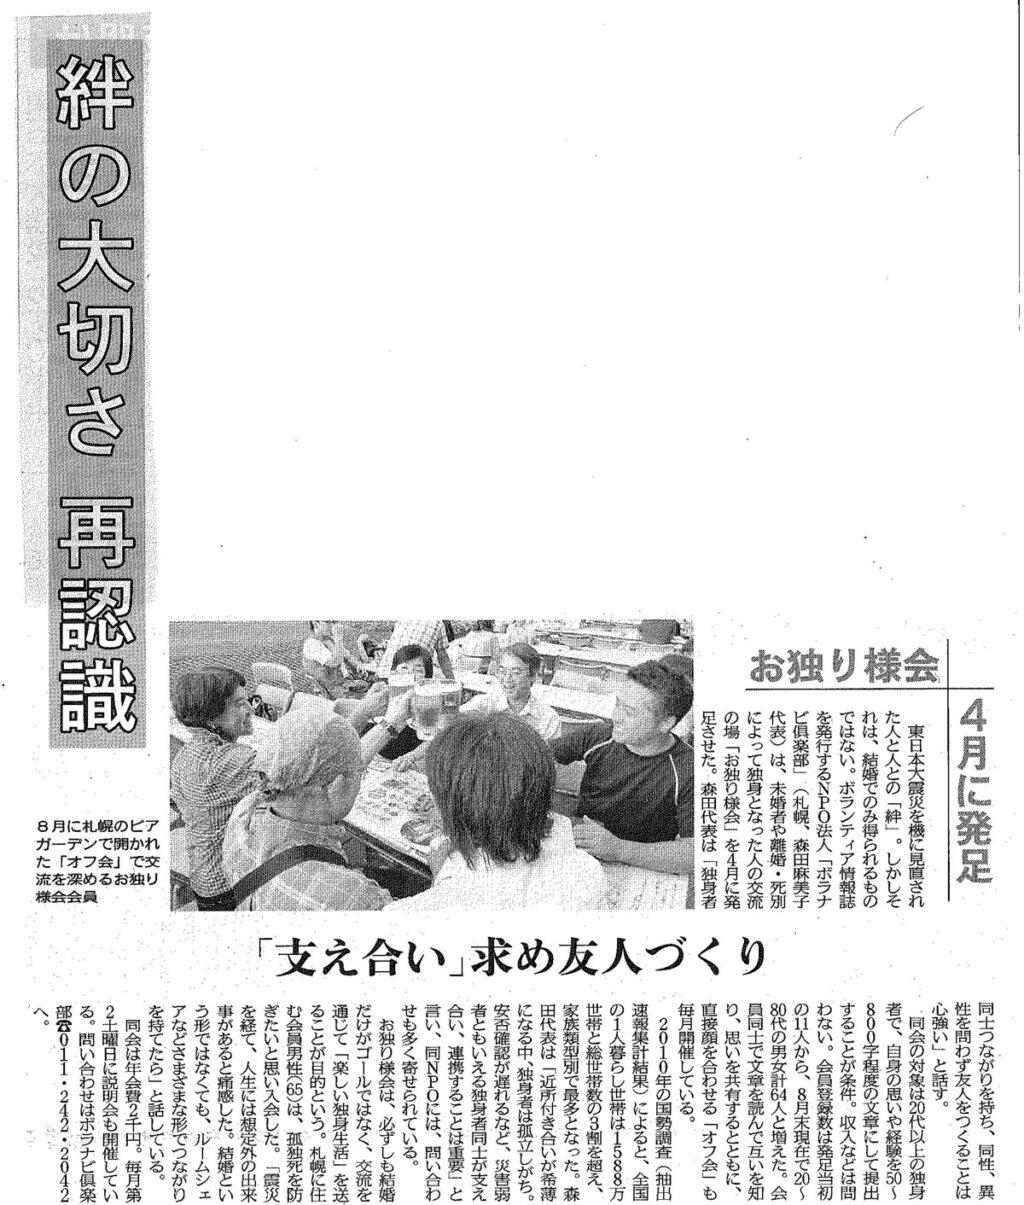 2011年9月10日 北海道新聞